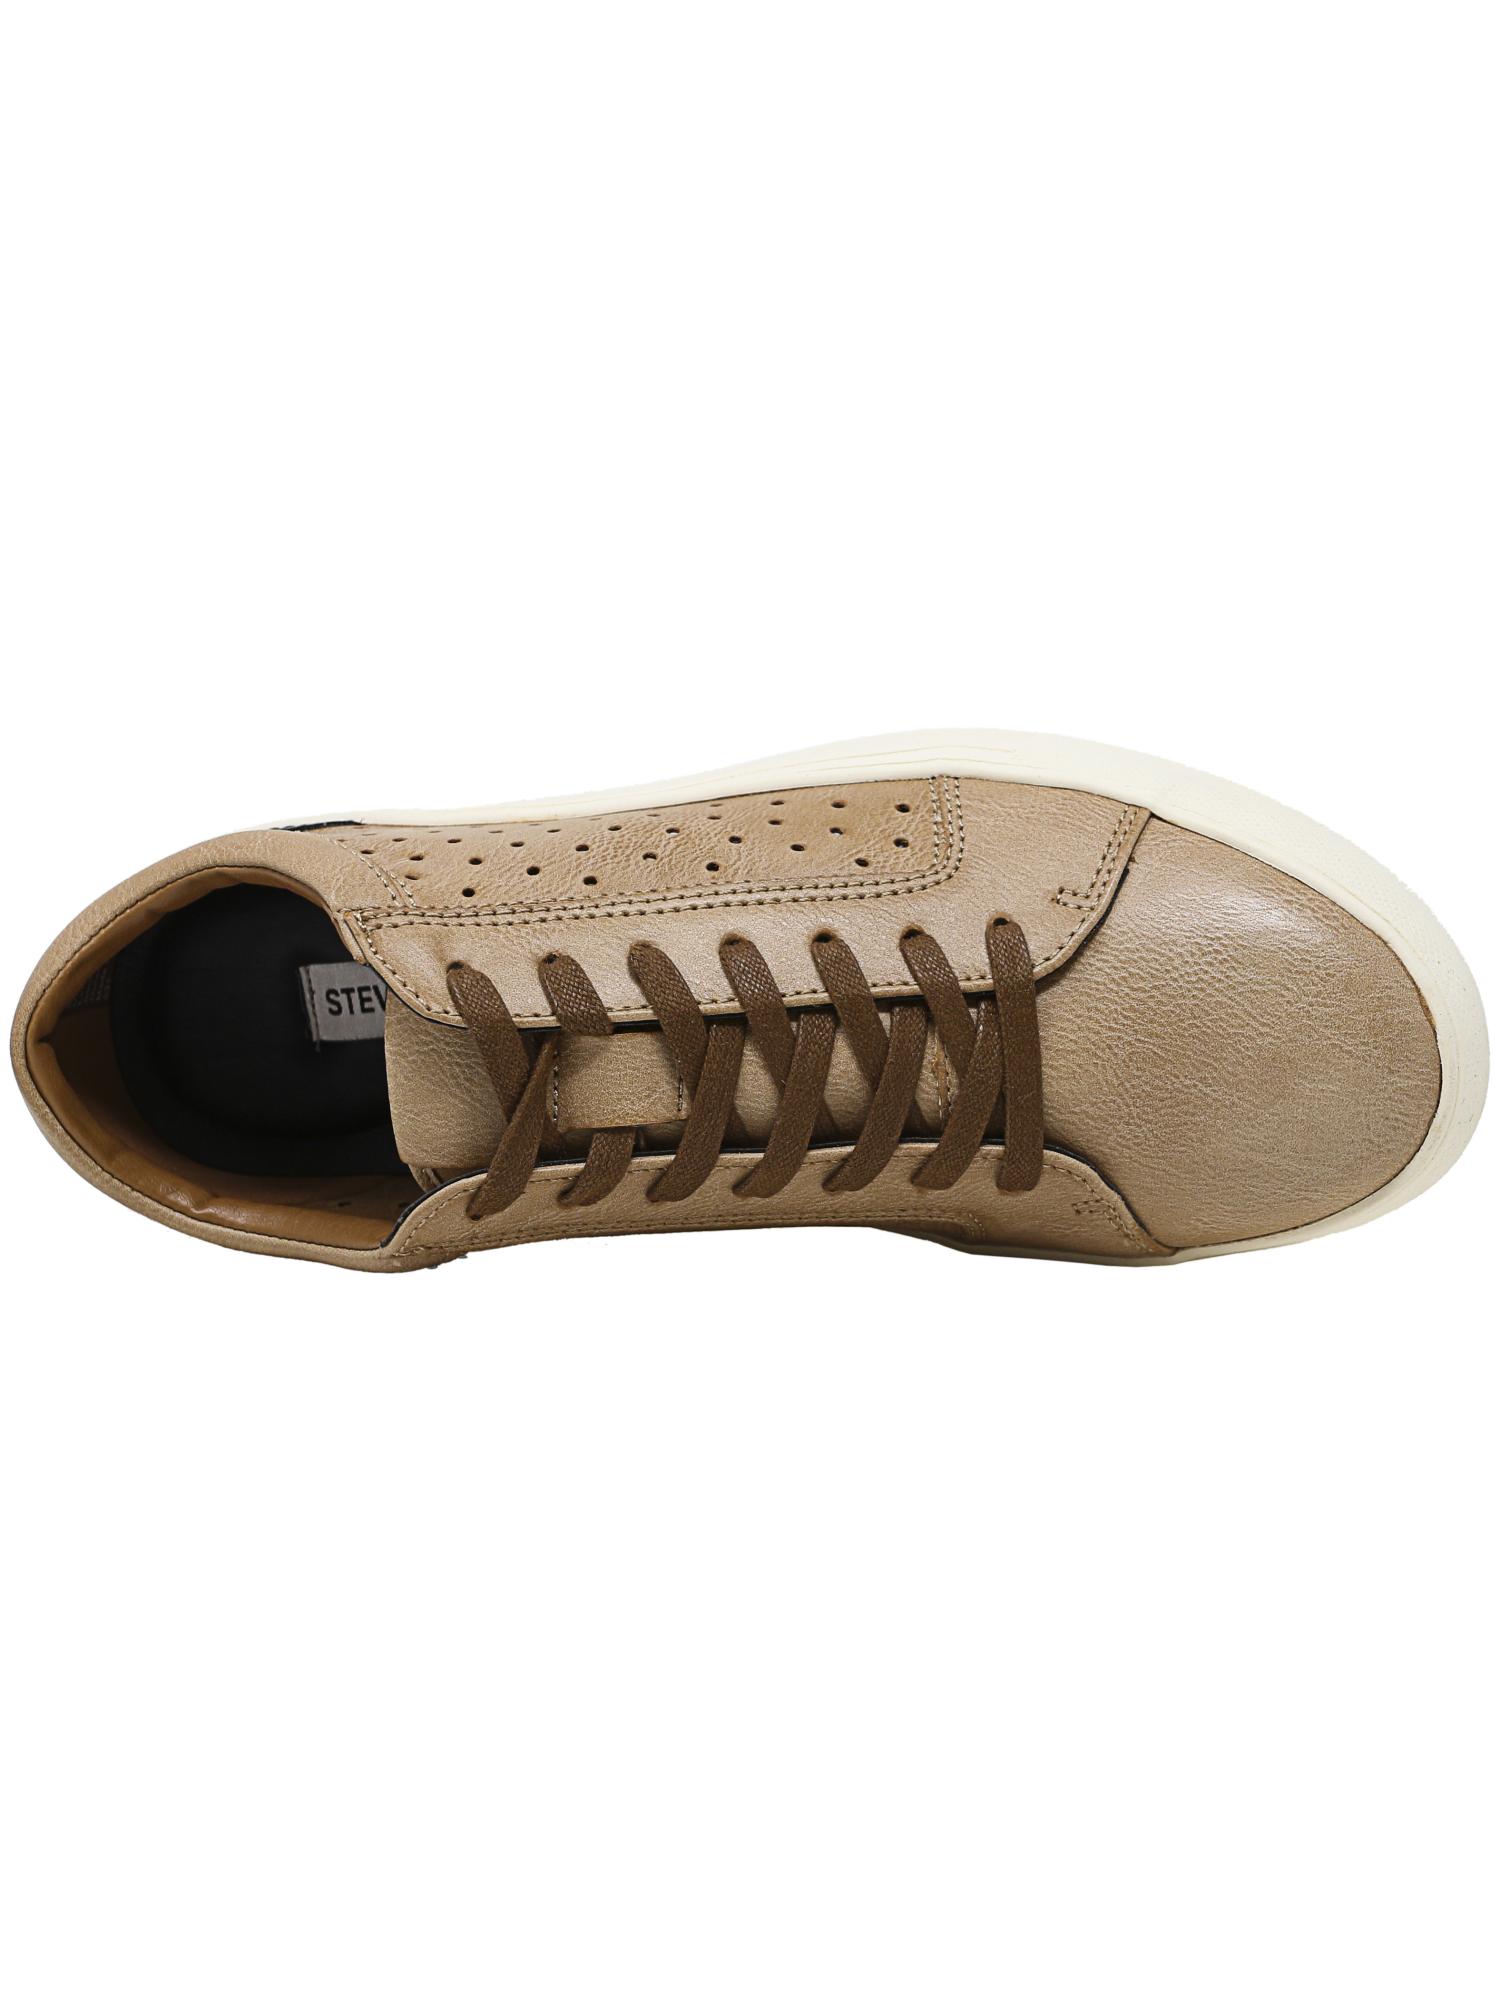 Steve Madden Men/'s Branlin Ankle-High Leather Fashion Sneaker